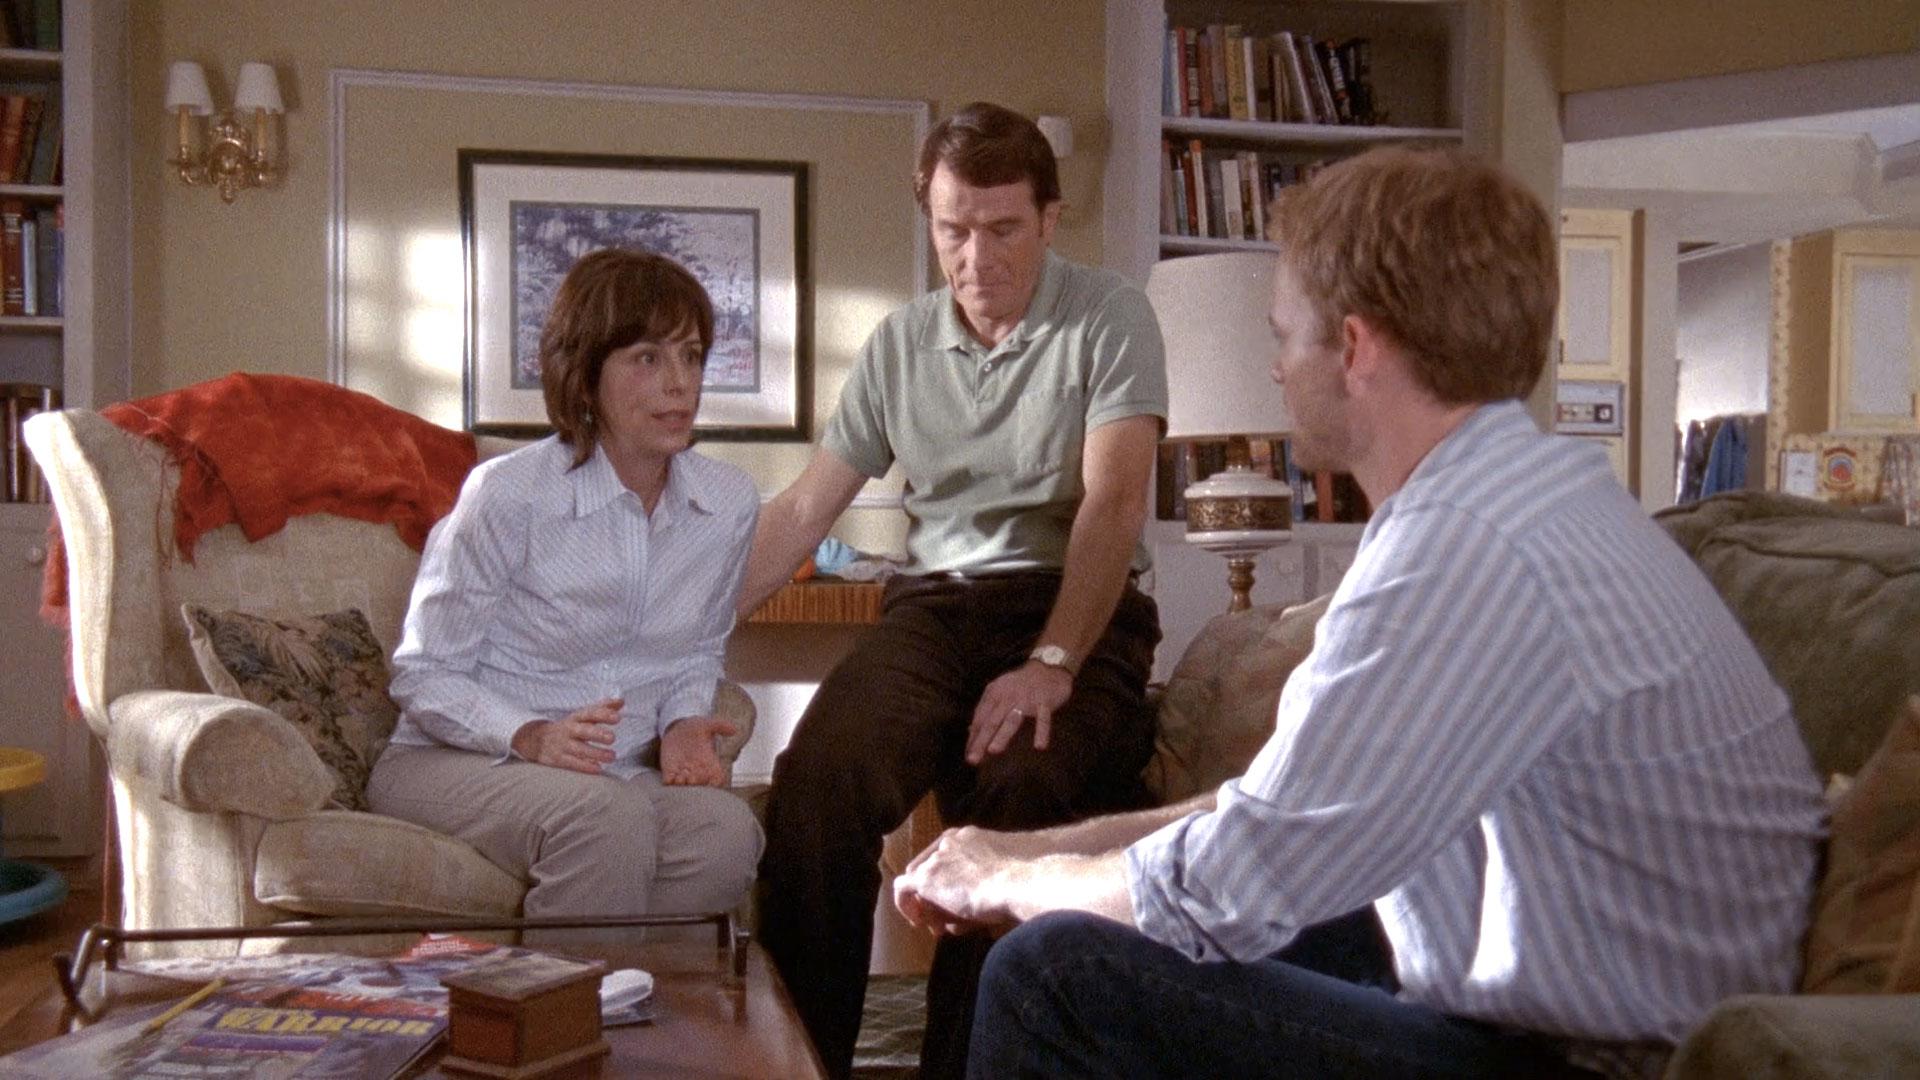 Jane Kaczmarek (Lois), Bryan Cranston (Hal) et Christopher Masterson (Francis) dans